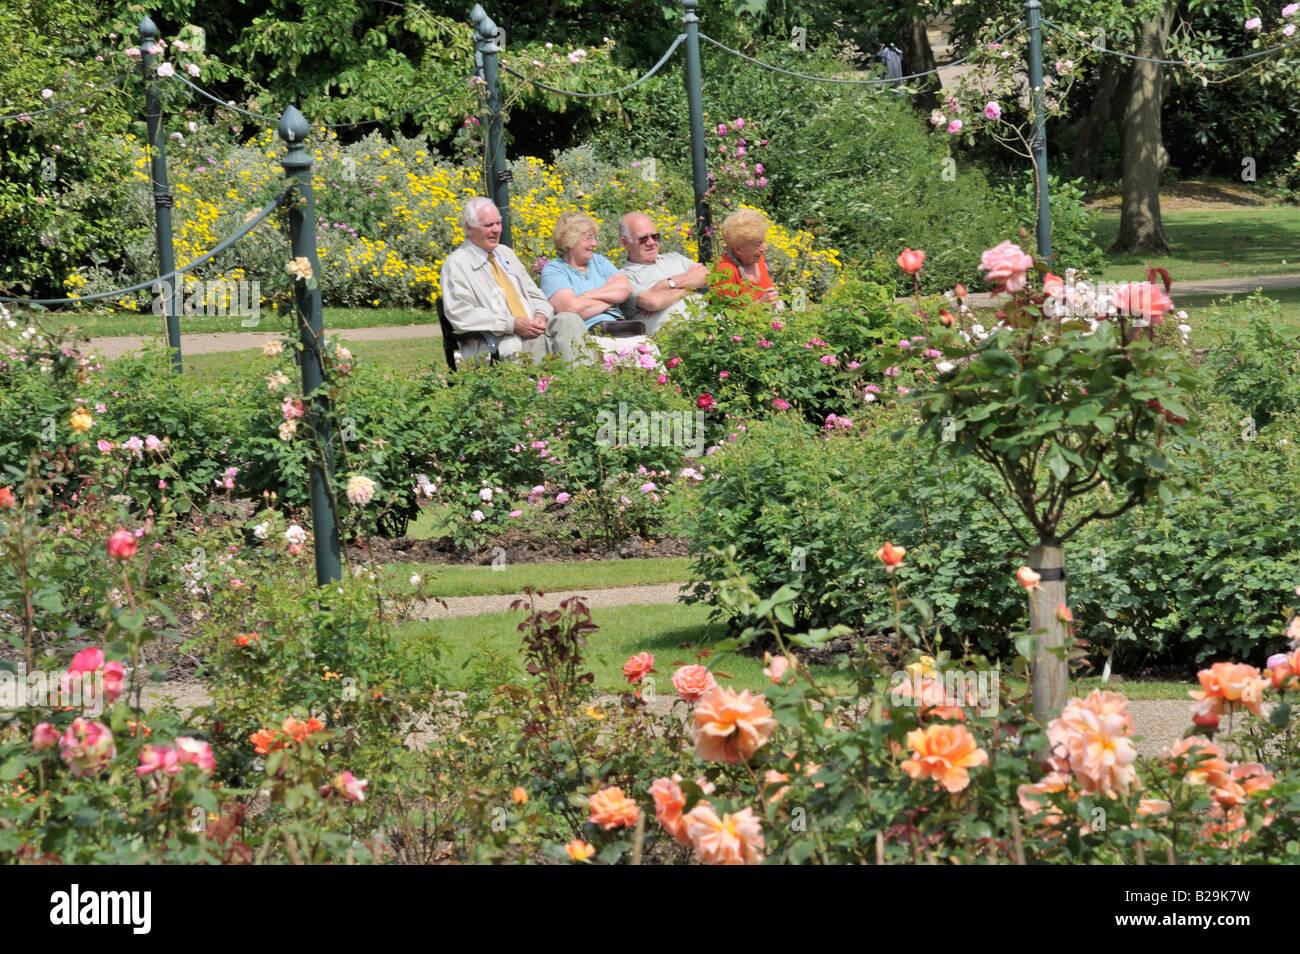 Menschen In den Park: Menschen im Park: Eine Gruppe älterer Menschen, die auf einer Bank sitzend bewundern die Rosengärten Stockfoto